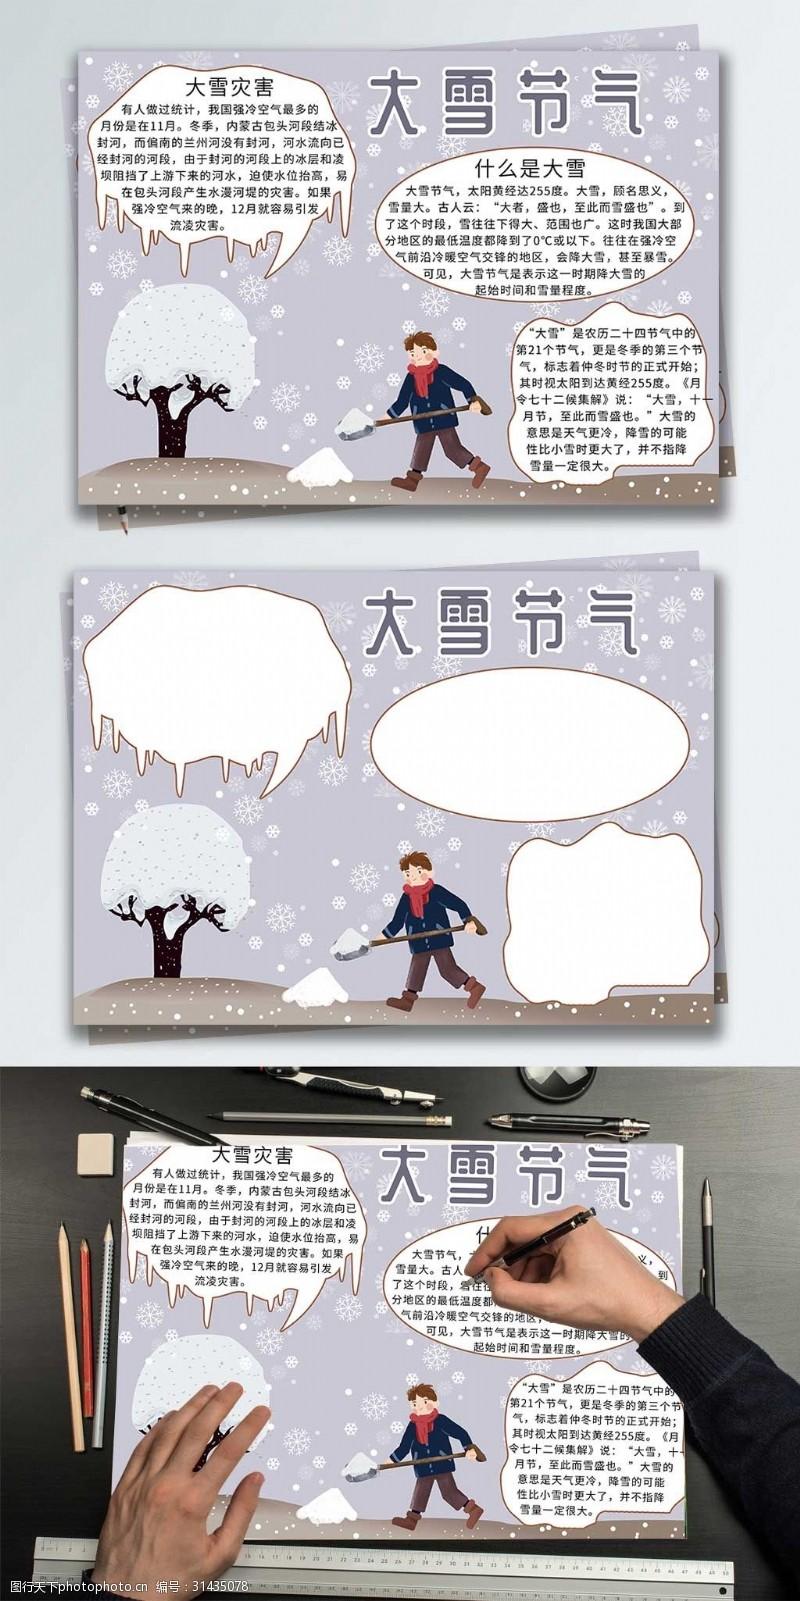 大雪節氣小報手抄報